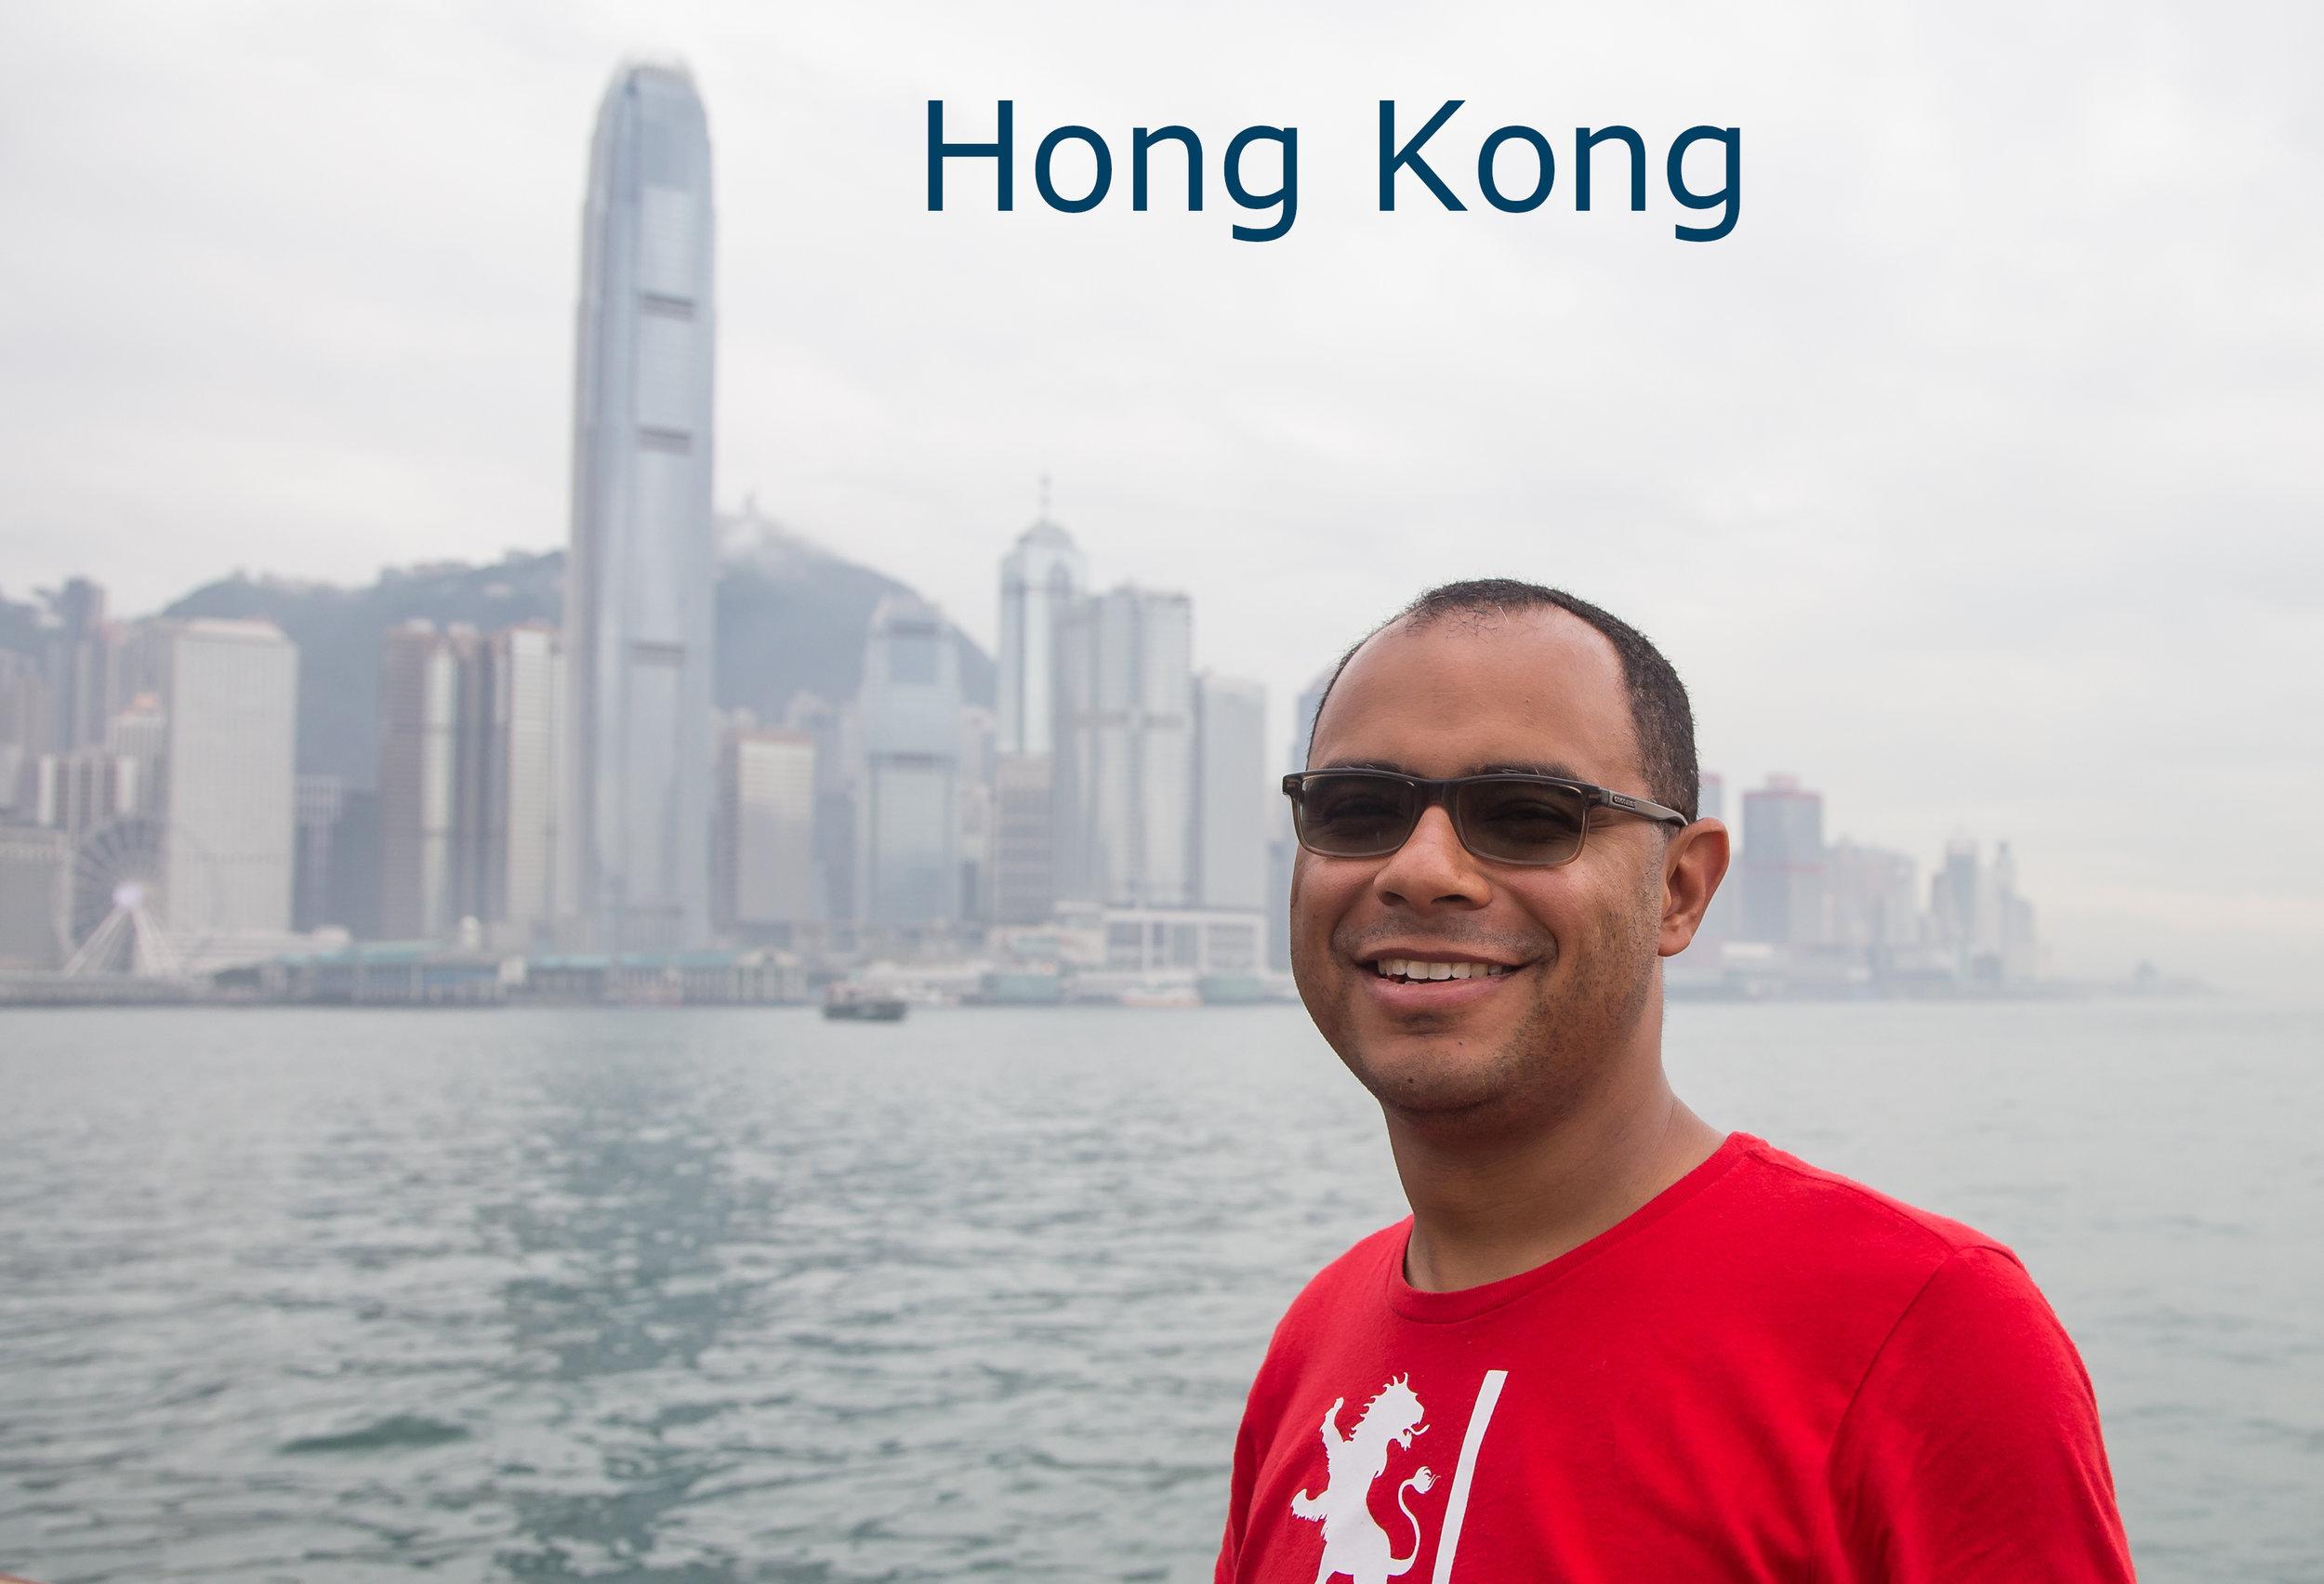 hongkong2016_085-1.jpg